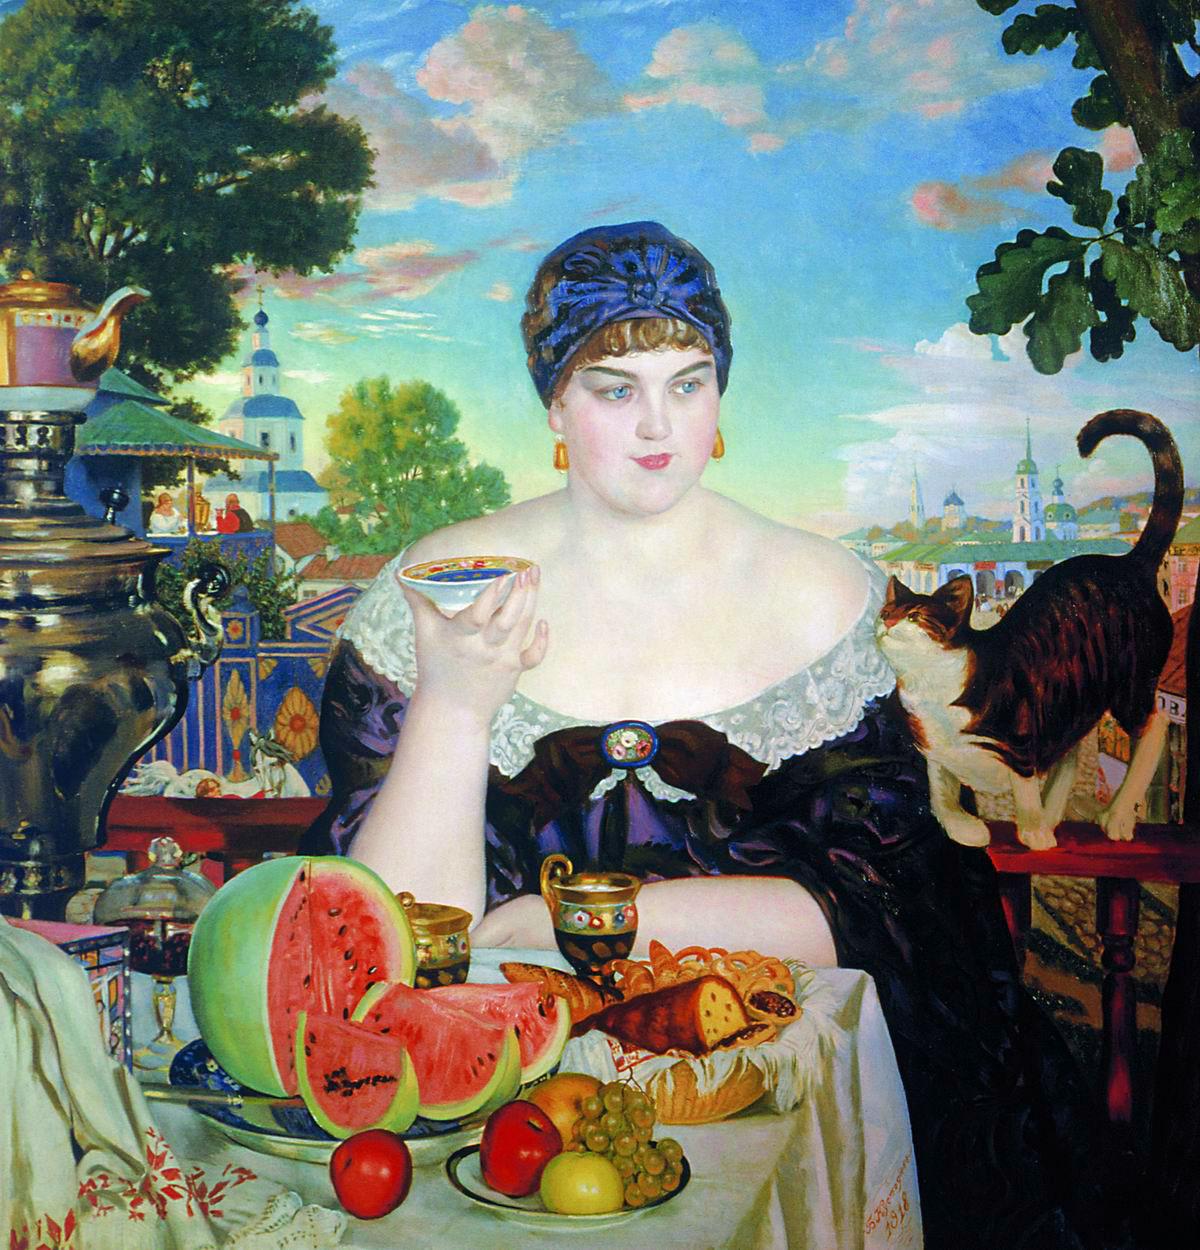 ボリス・クストーディエフは、特徴的なロシア女性のタイプというものを、『商人の妻』、『ヴォルガ川の娘』や『美』といった作品で再現するとともに、画家としての彼の感嘆の念とちょっぴりの皮肉をも含ませている。/ 『茶を飲む商人の妻』、ボリス・クストーディエフ、1918年